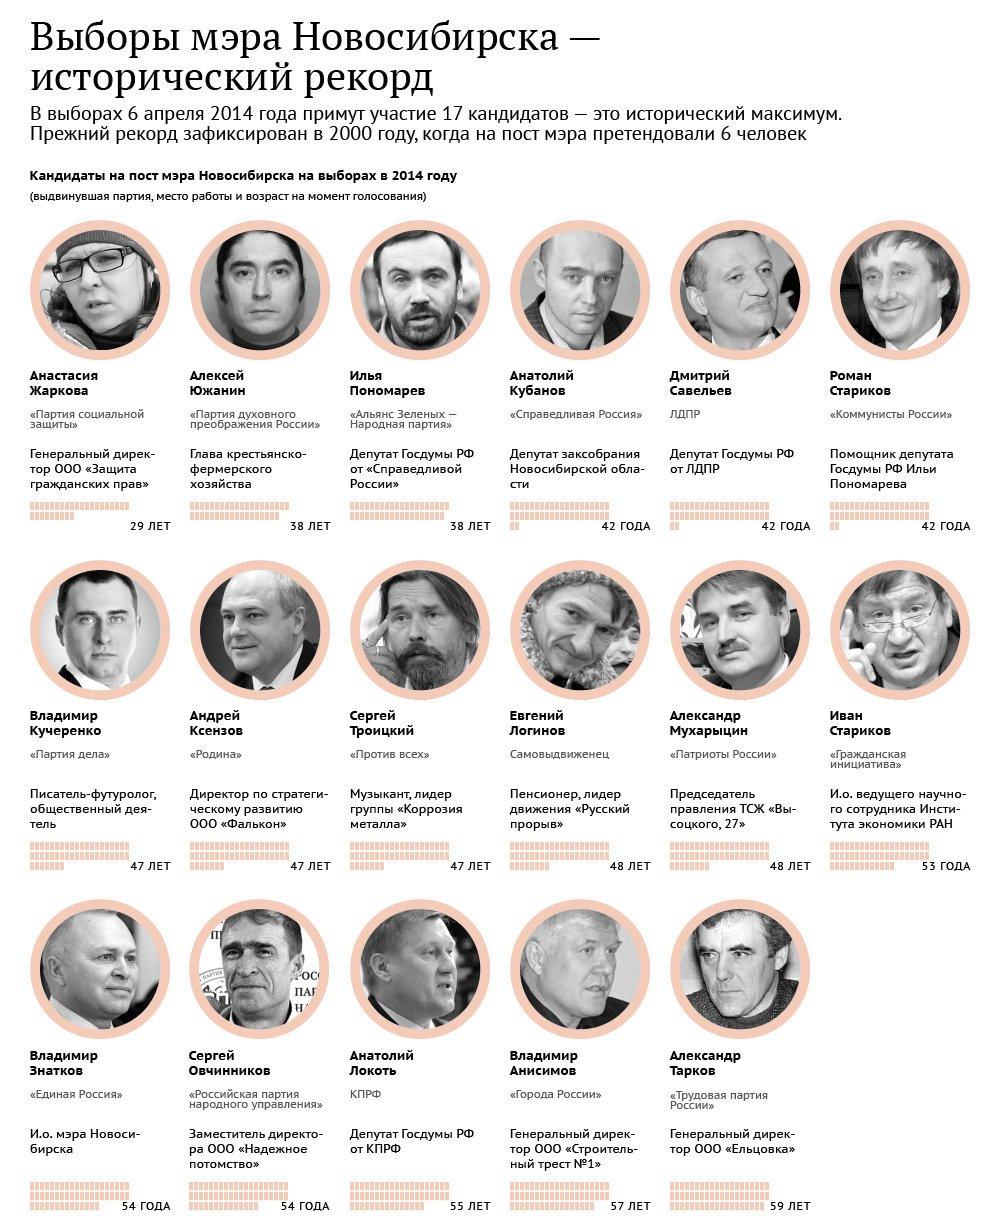 выборы мэра в новосибирске.jpg